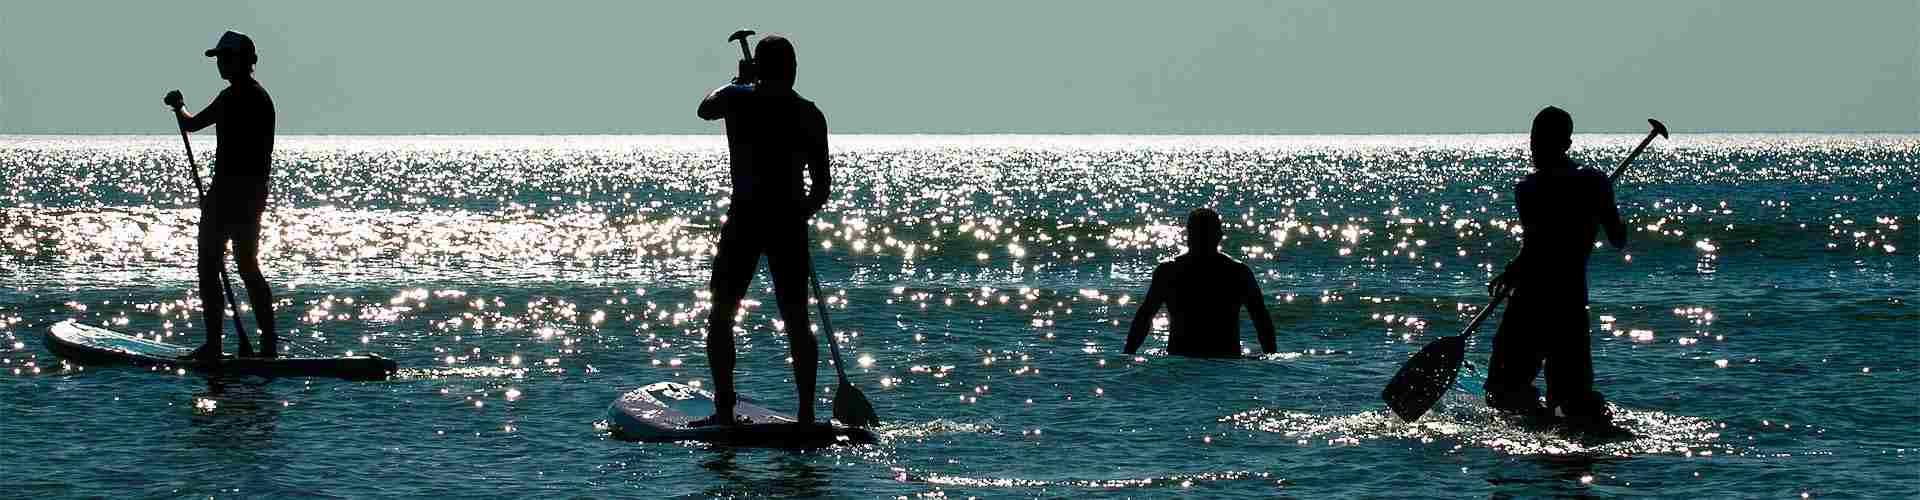 paddle surf en centrosdeportes de Castelldefels